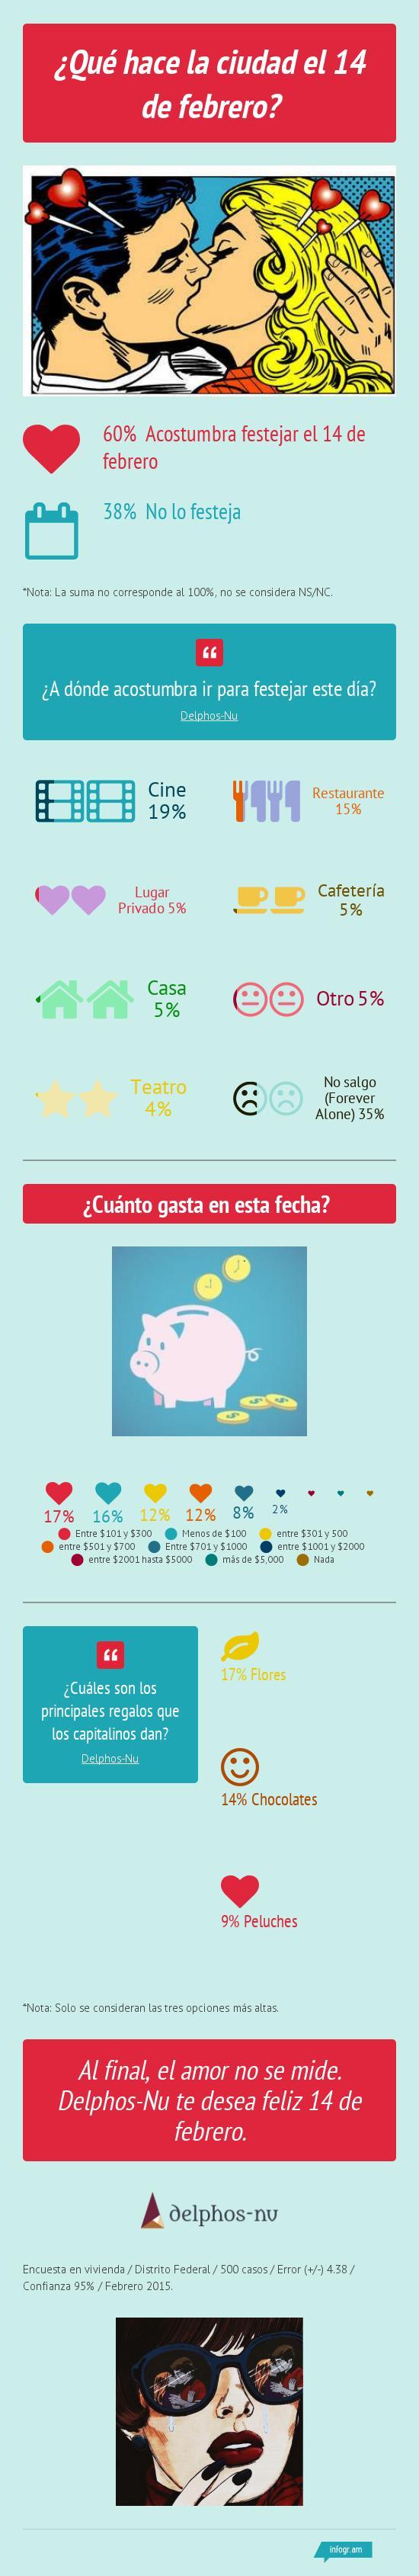 En_que_gastan_los_capitalinos_el_14_de_febrero (2)